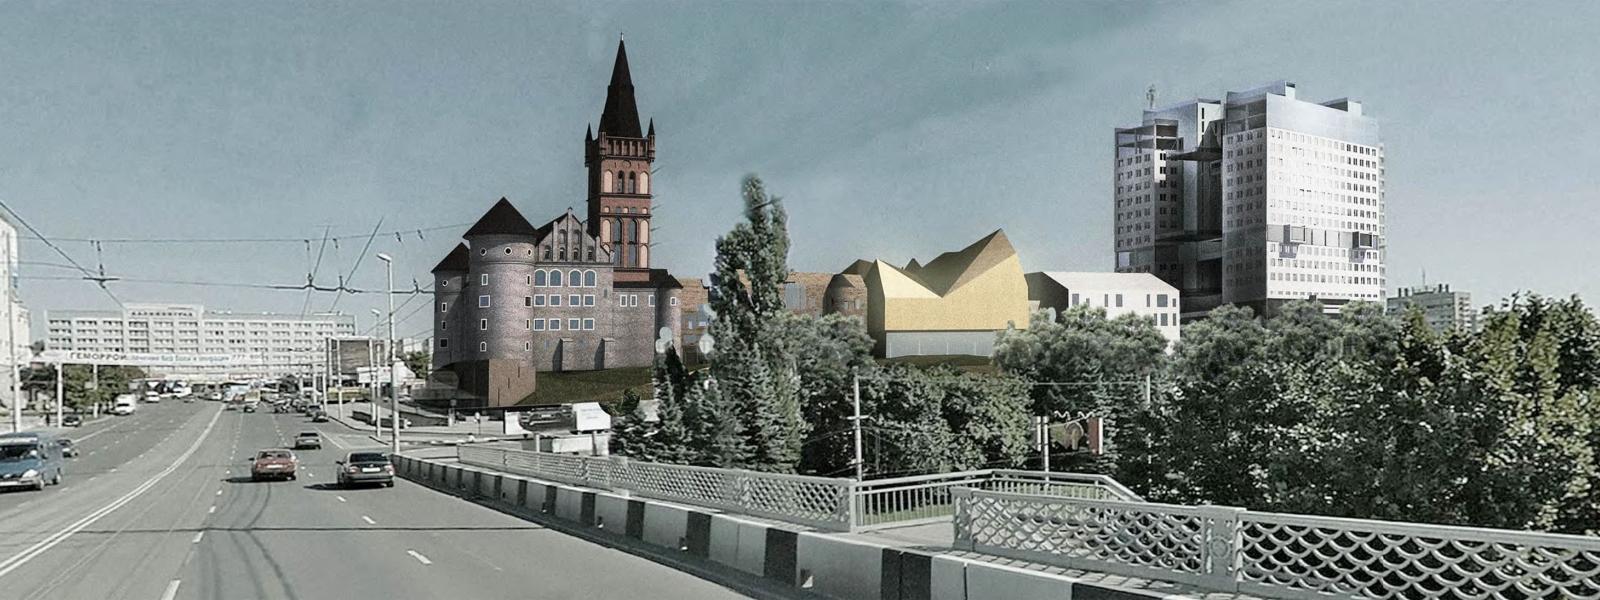 work-Правительственный историко-культурный комплекс на территории бывшего орденского замка Кёнигсберг